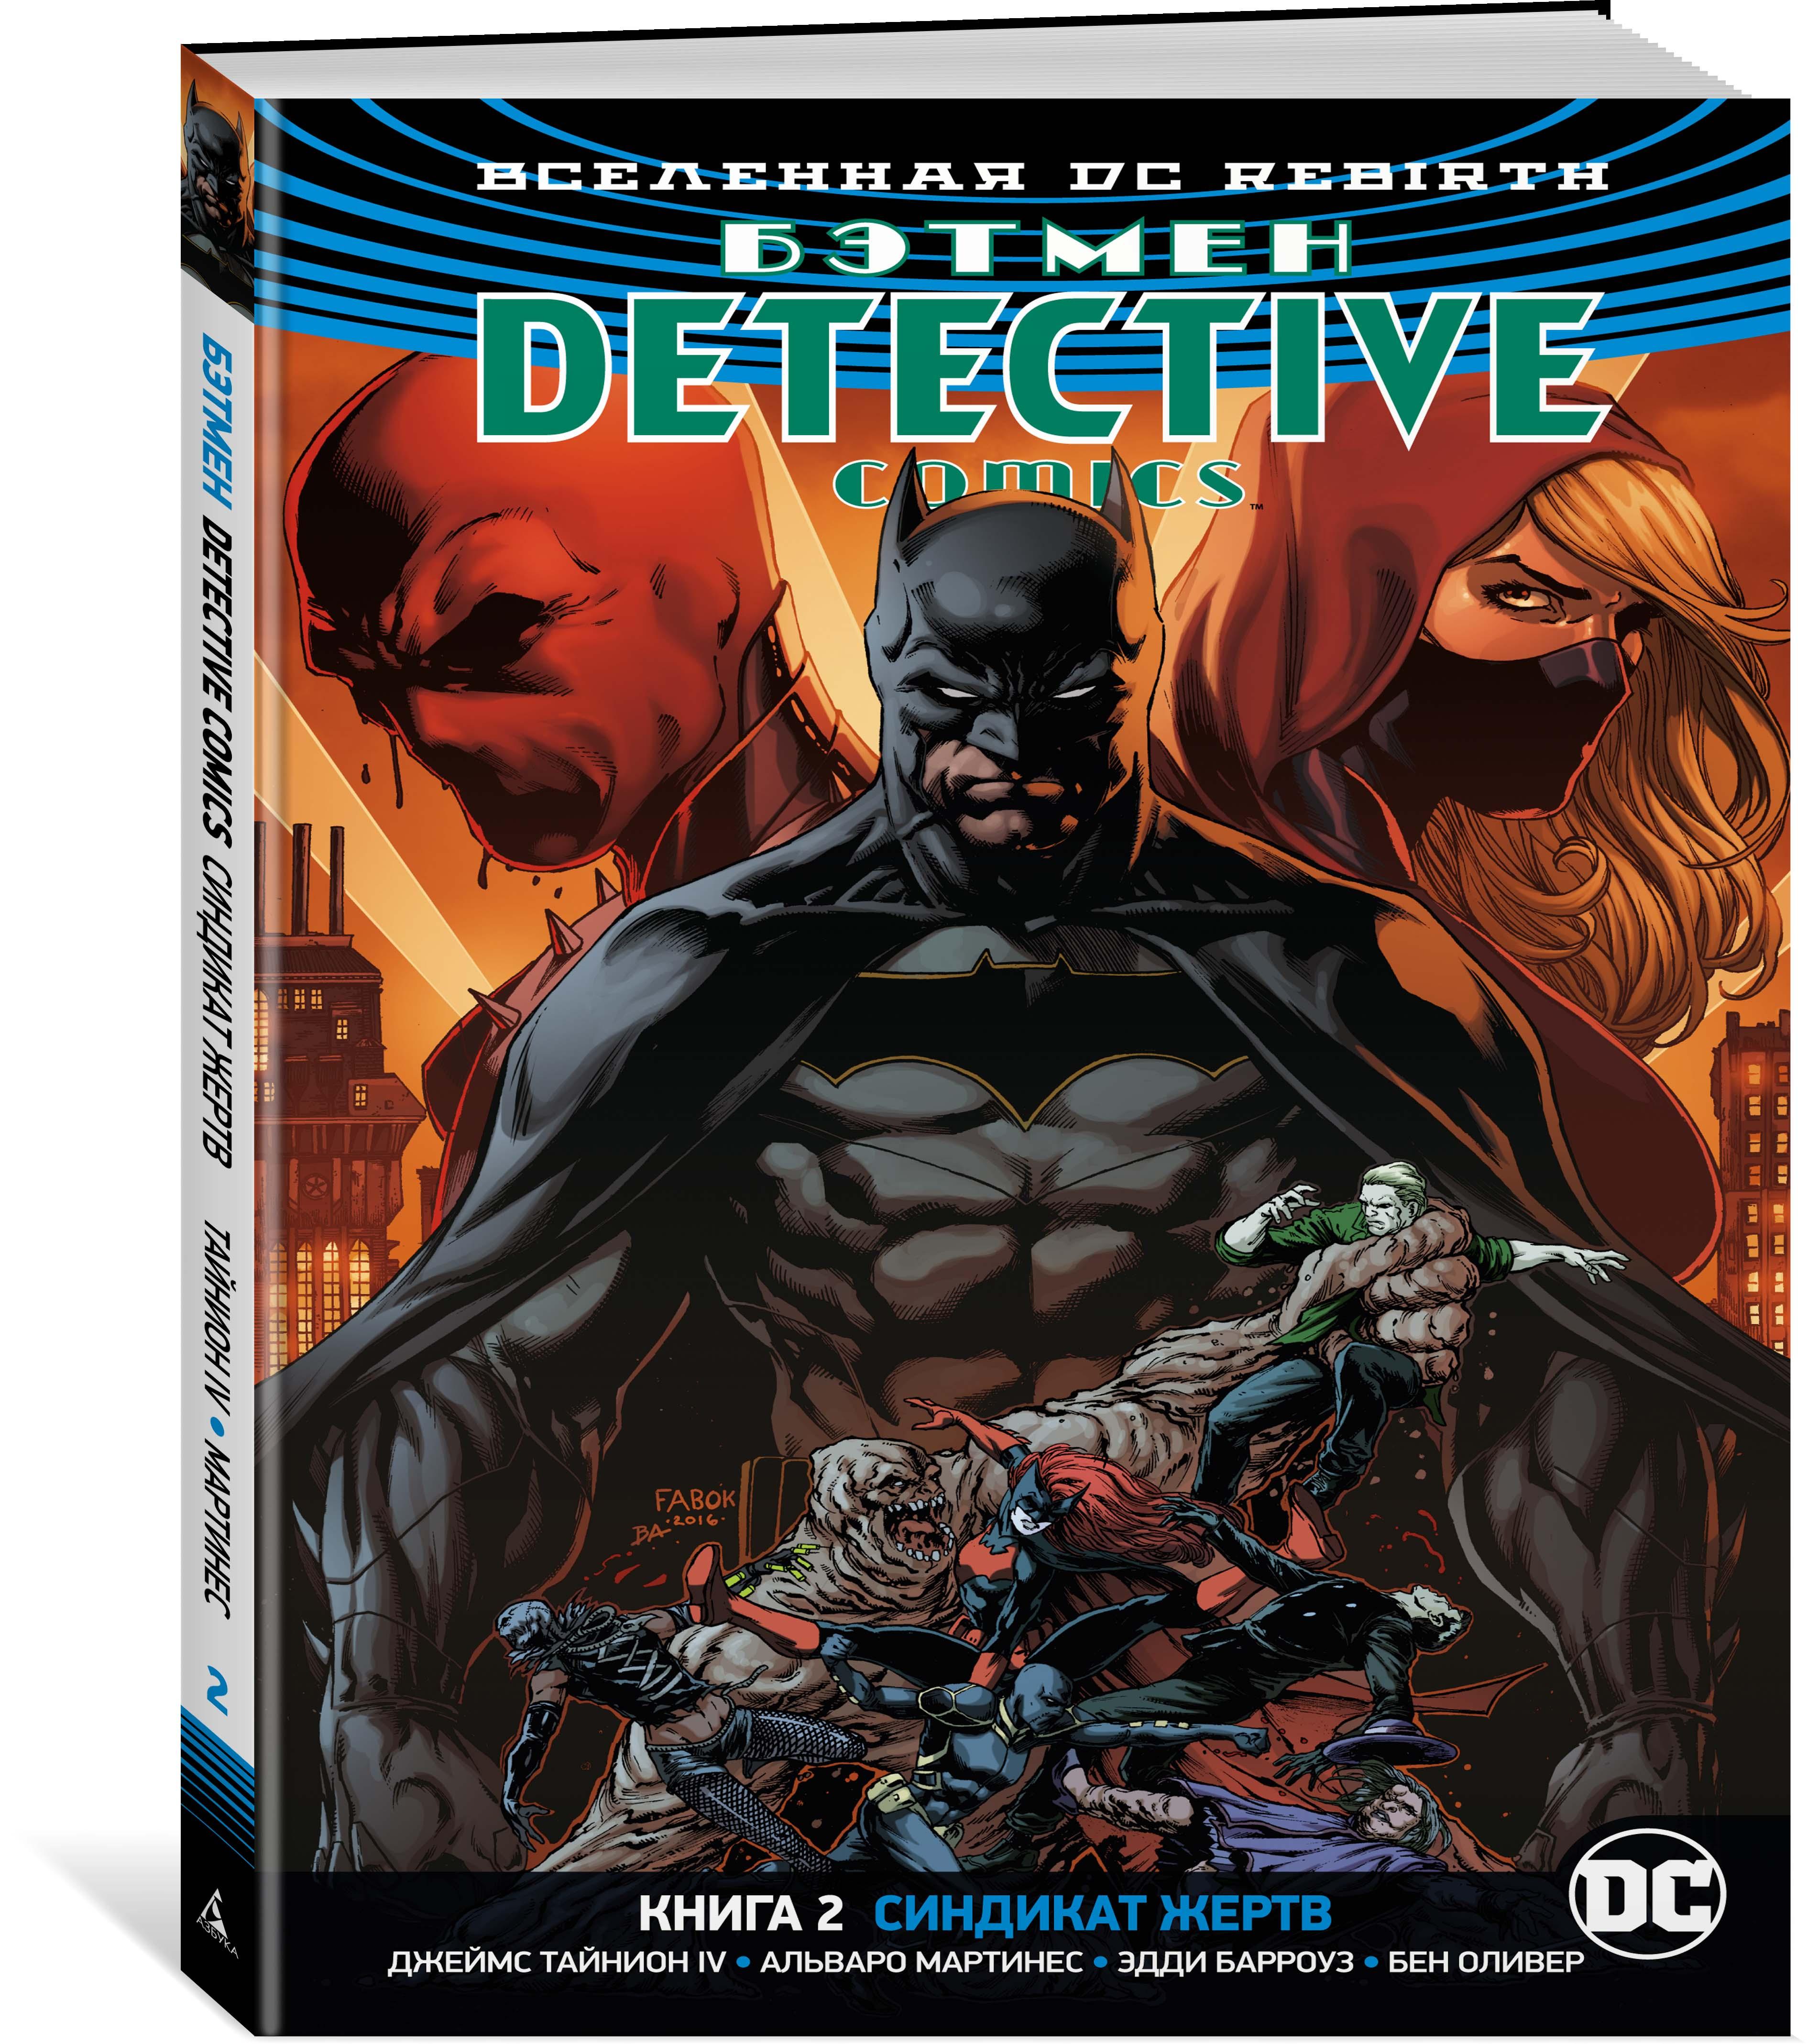 Джеймс Тайнион IV Вселенная DC. Rebirth. Бэтмен. Detective Comics. Книга 2. Синдикат Жертв кинг т орландо с вселенная dc rebirth бэтмен ночь людей монстров